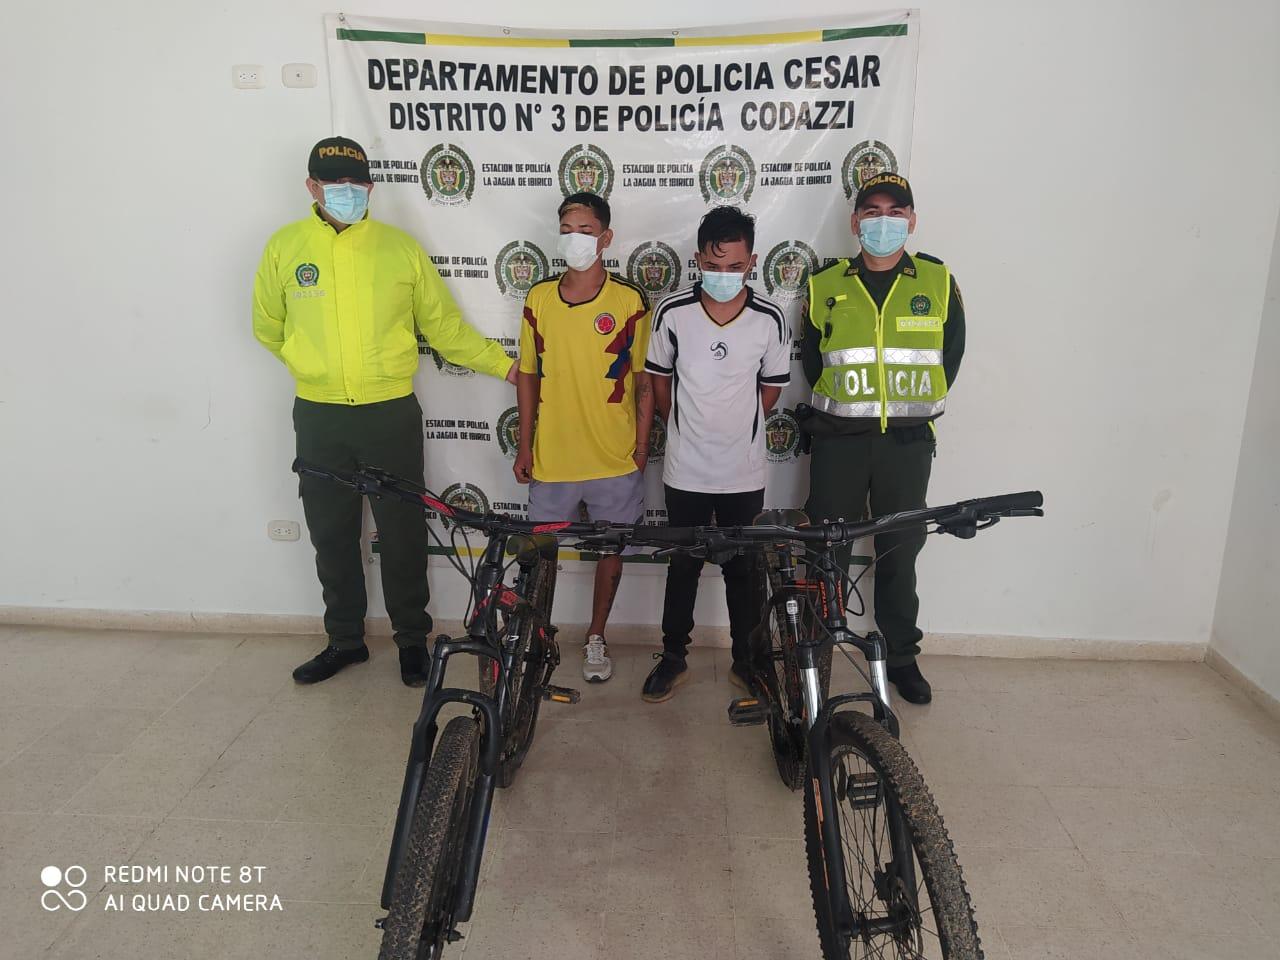 hoyennoticia.com, Capturados por robar bicicletas en medio de la protesta